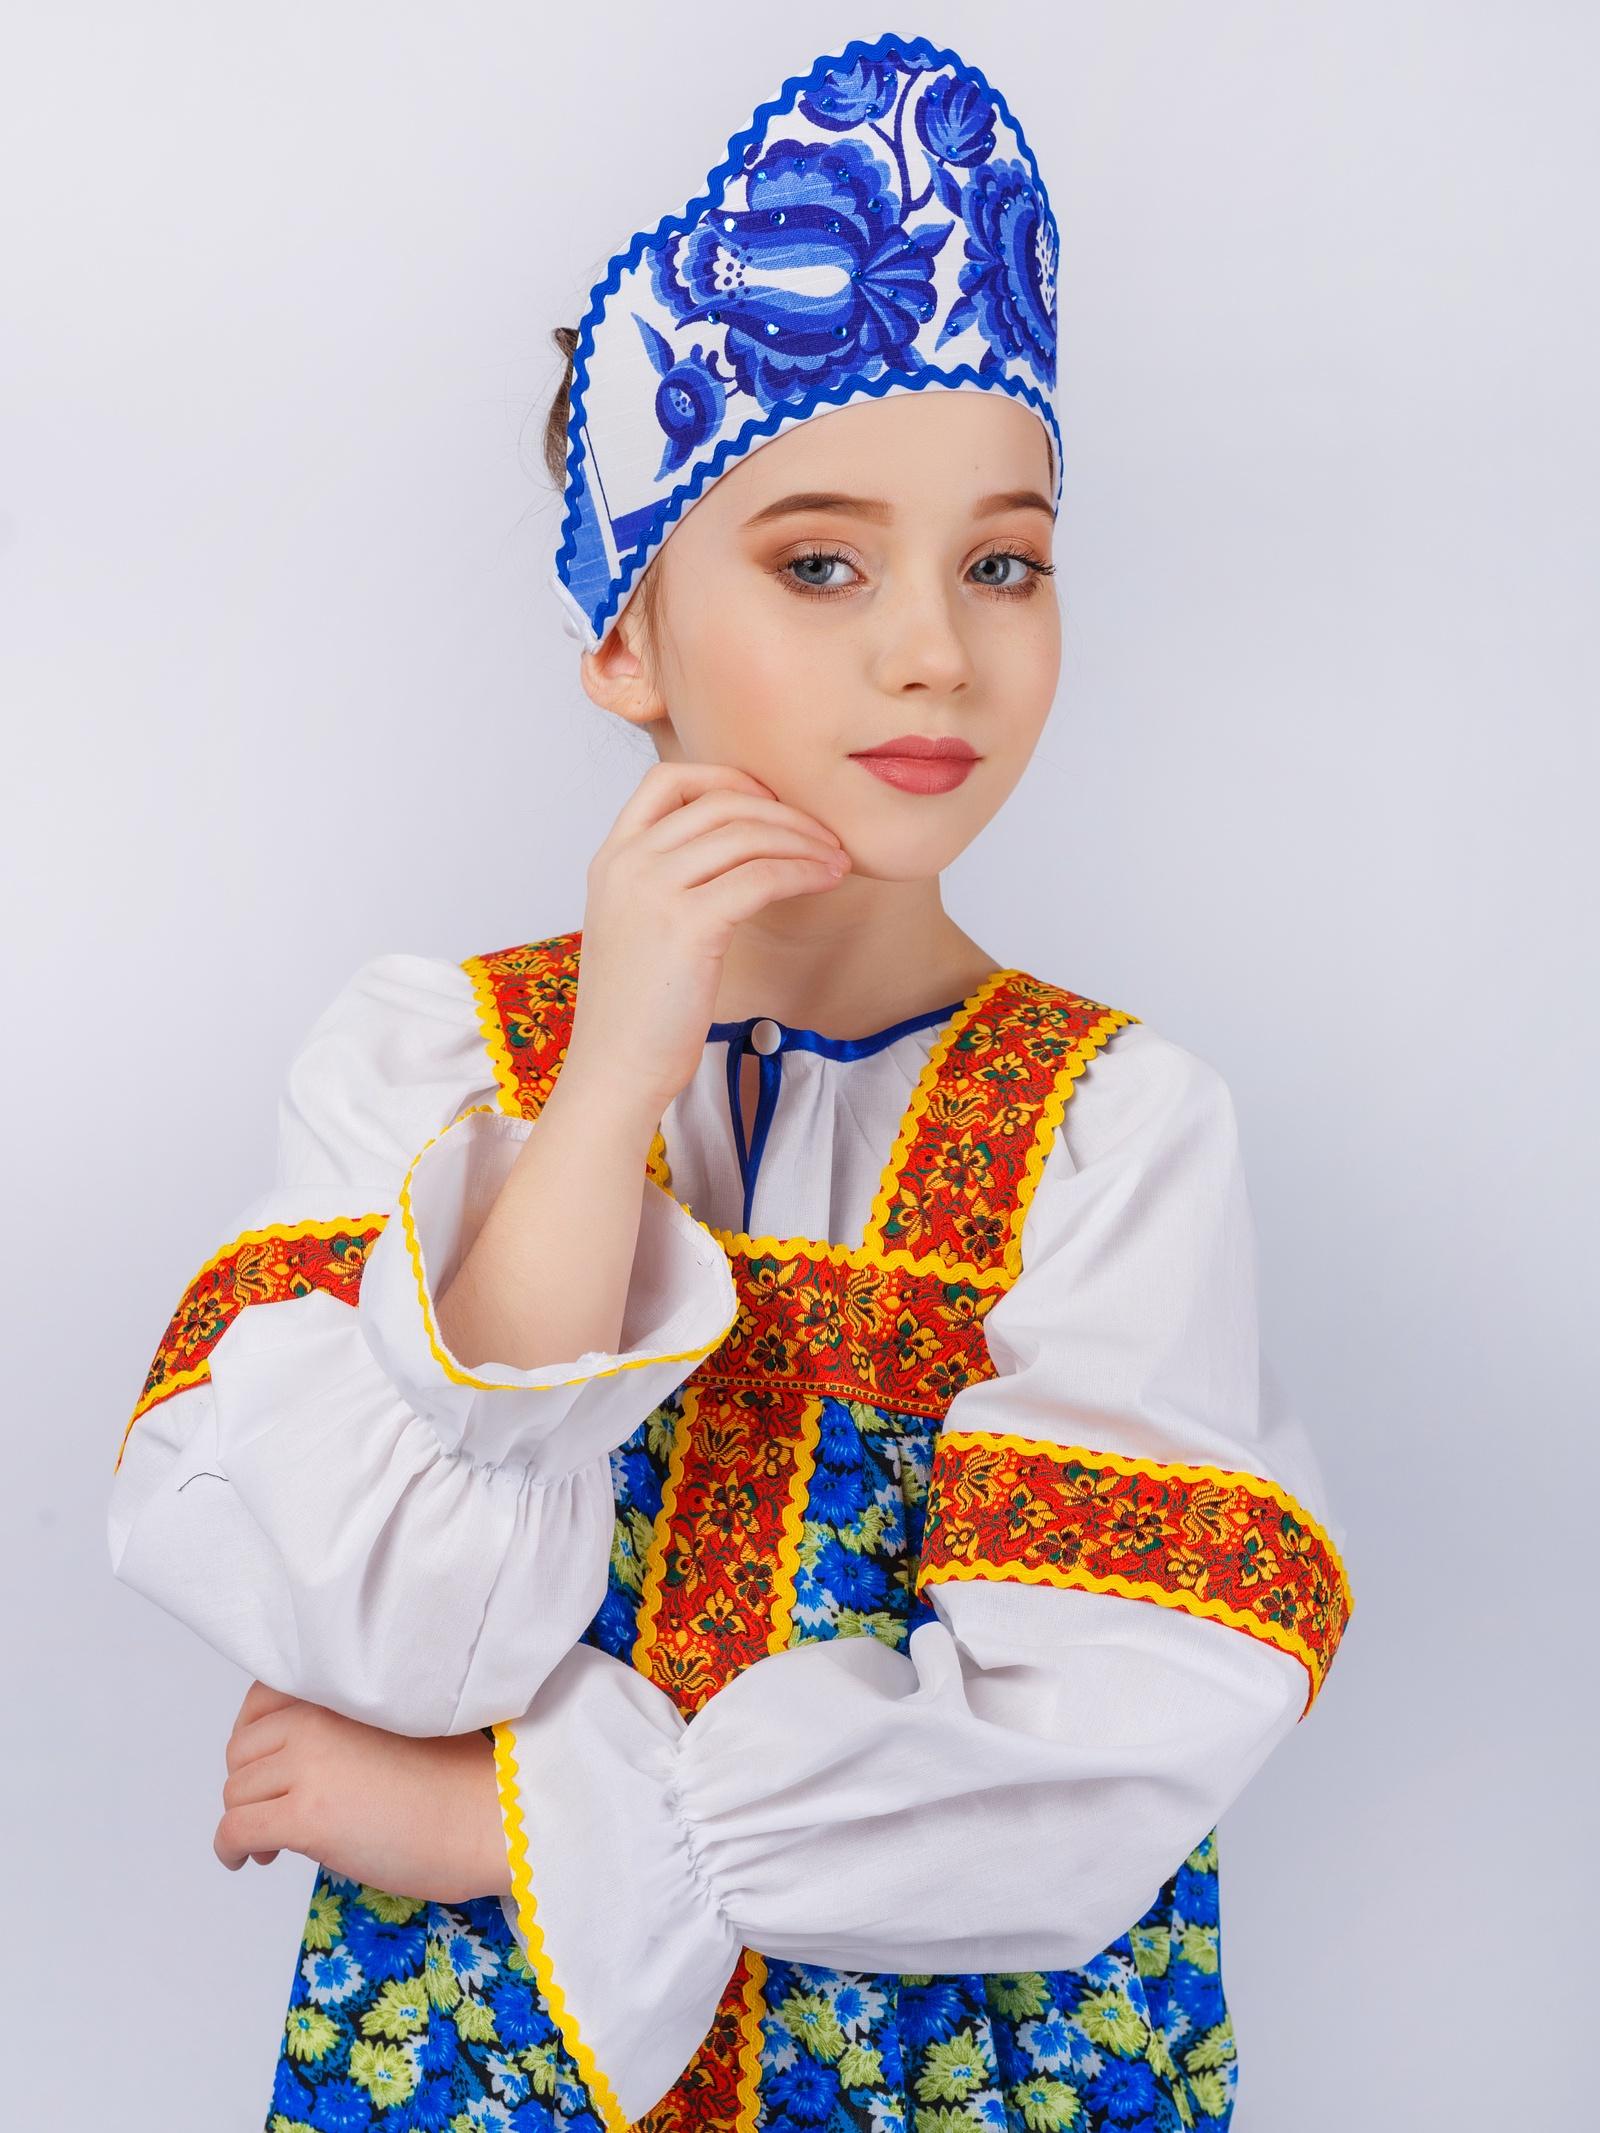 Шляпа карнавальная Gala-Вальс Кокошник Гжель, белый, синий